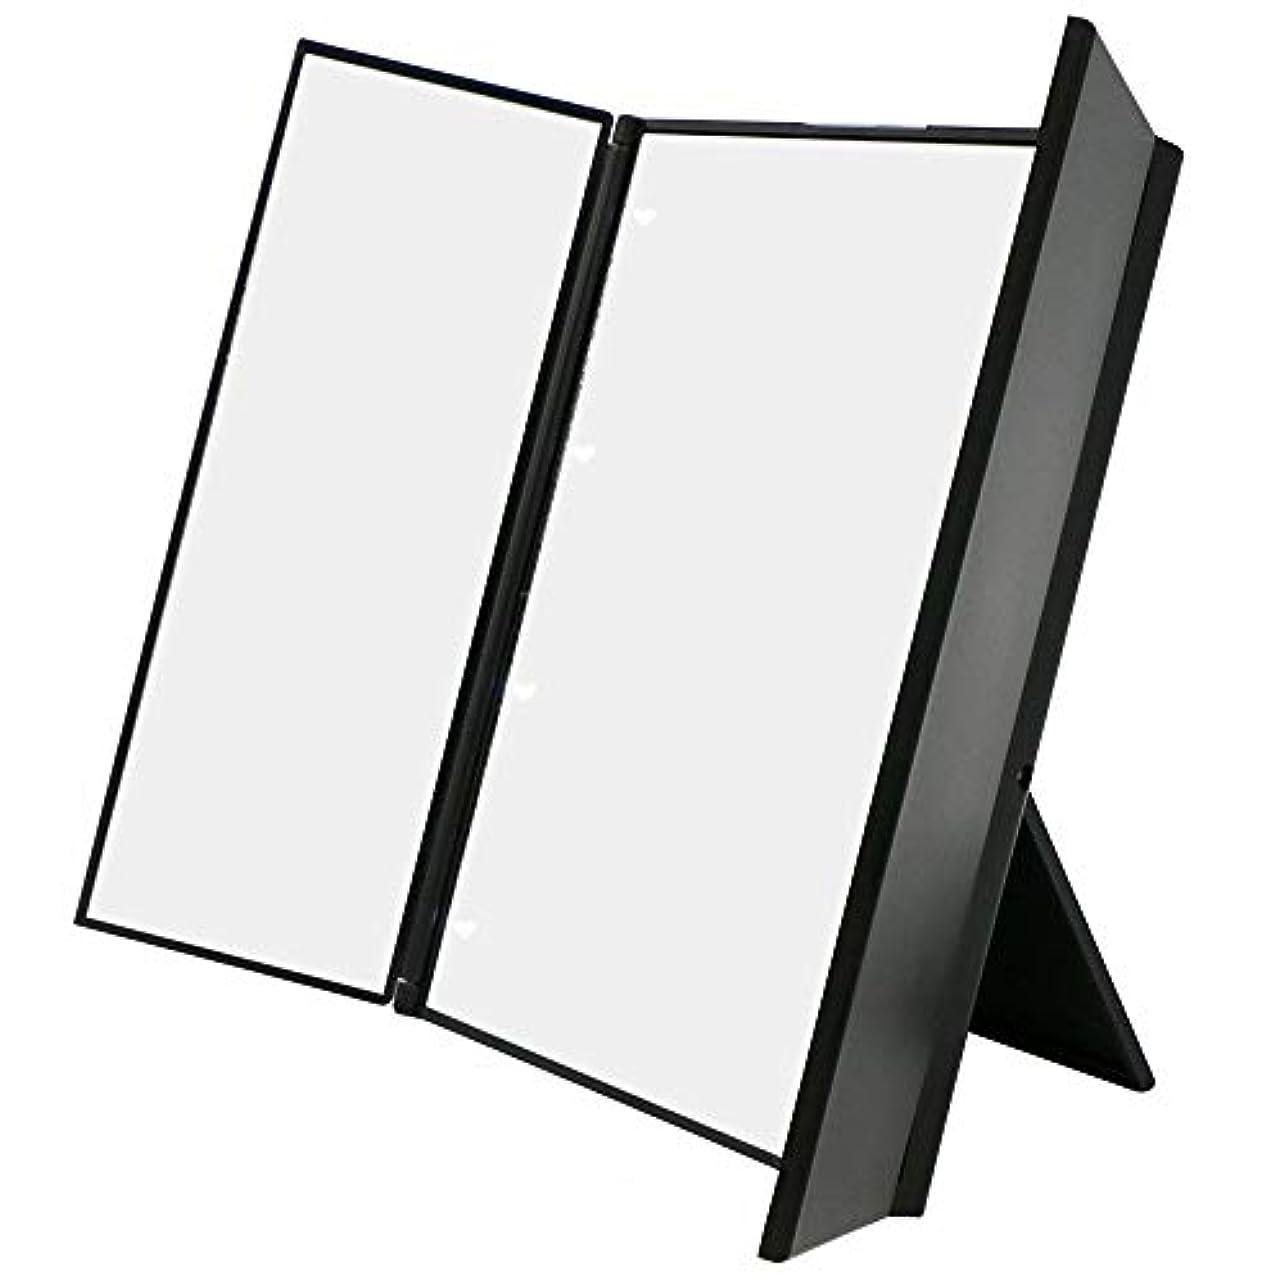 ジェット尾不可能な化粧鏡 卓上ミラー三面鏡 スタンドミラー LED付き 折りたたみ式 角度調整可能